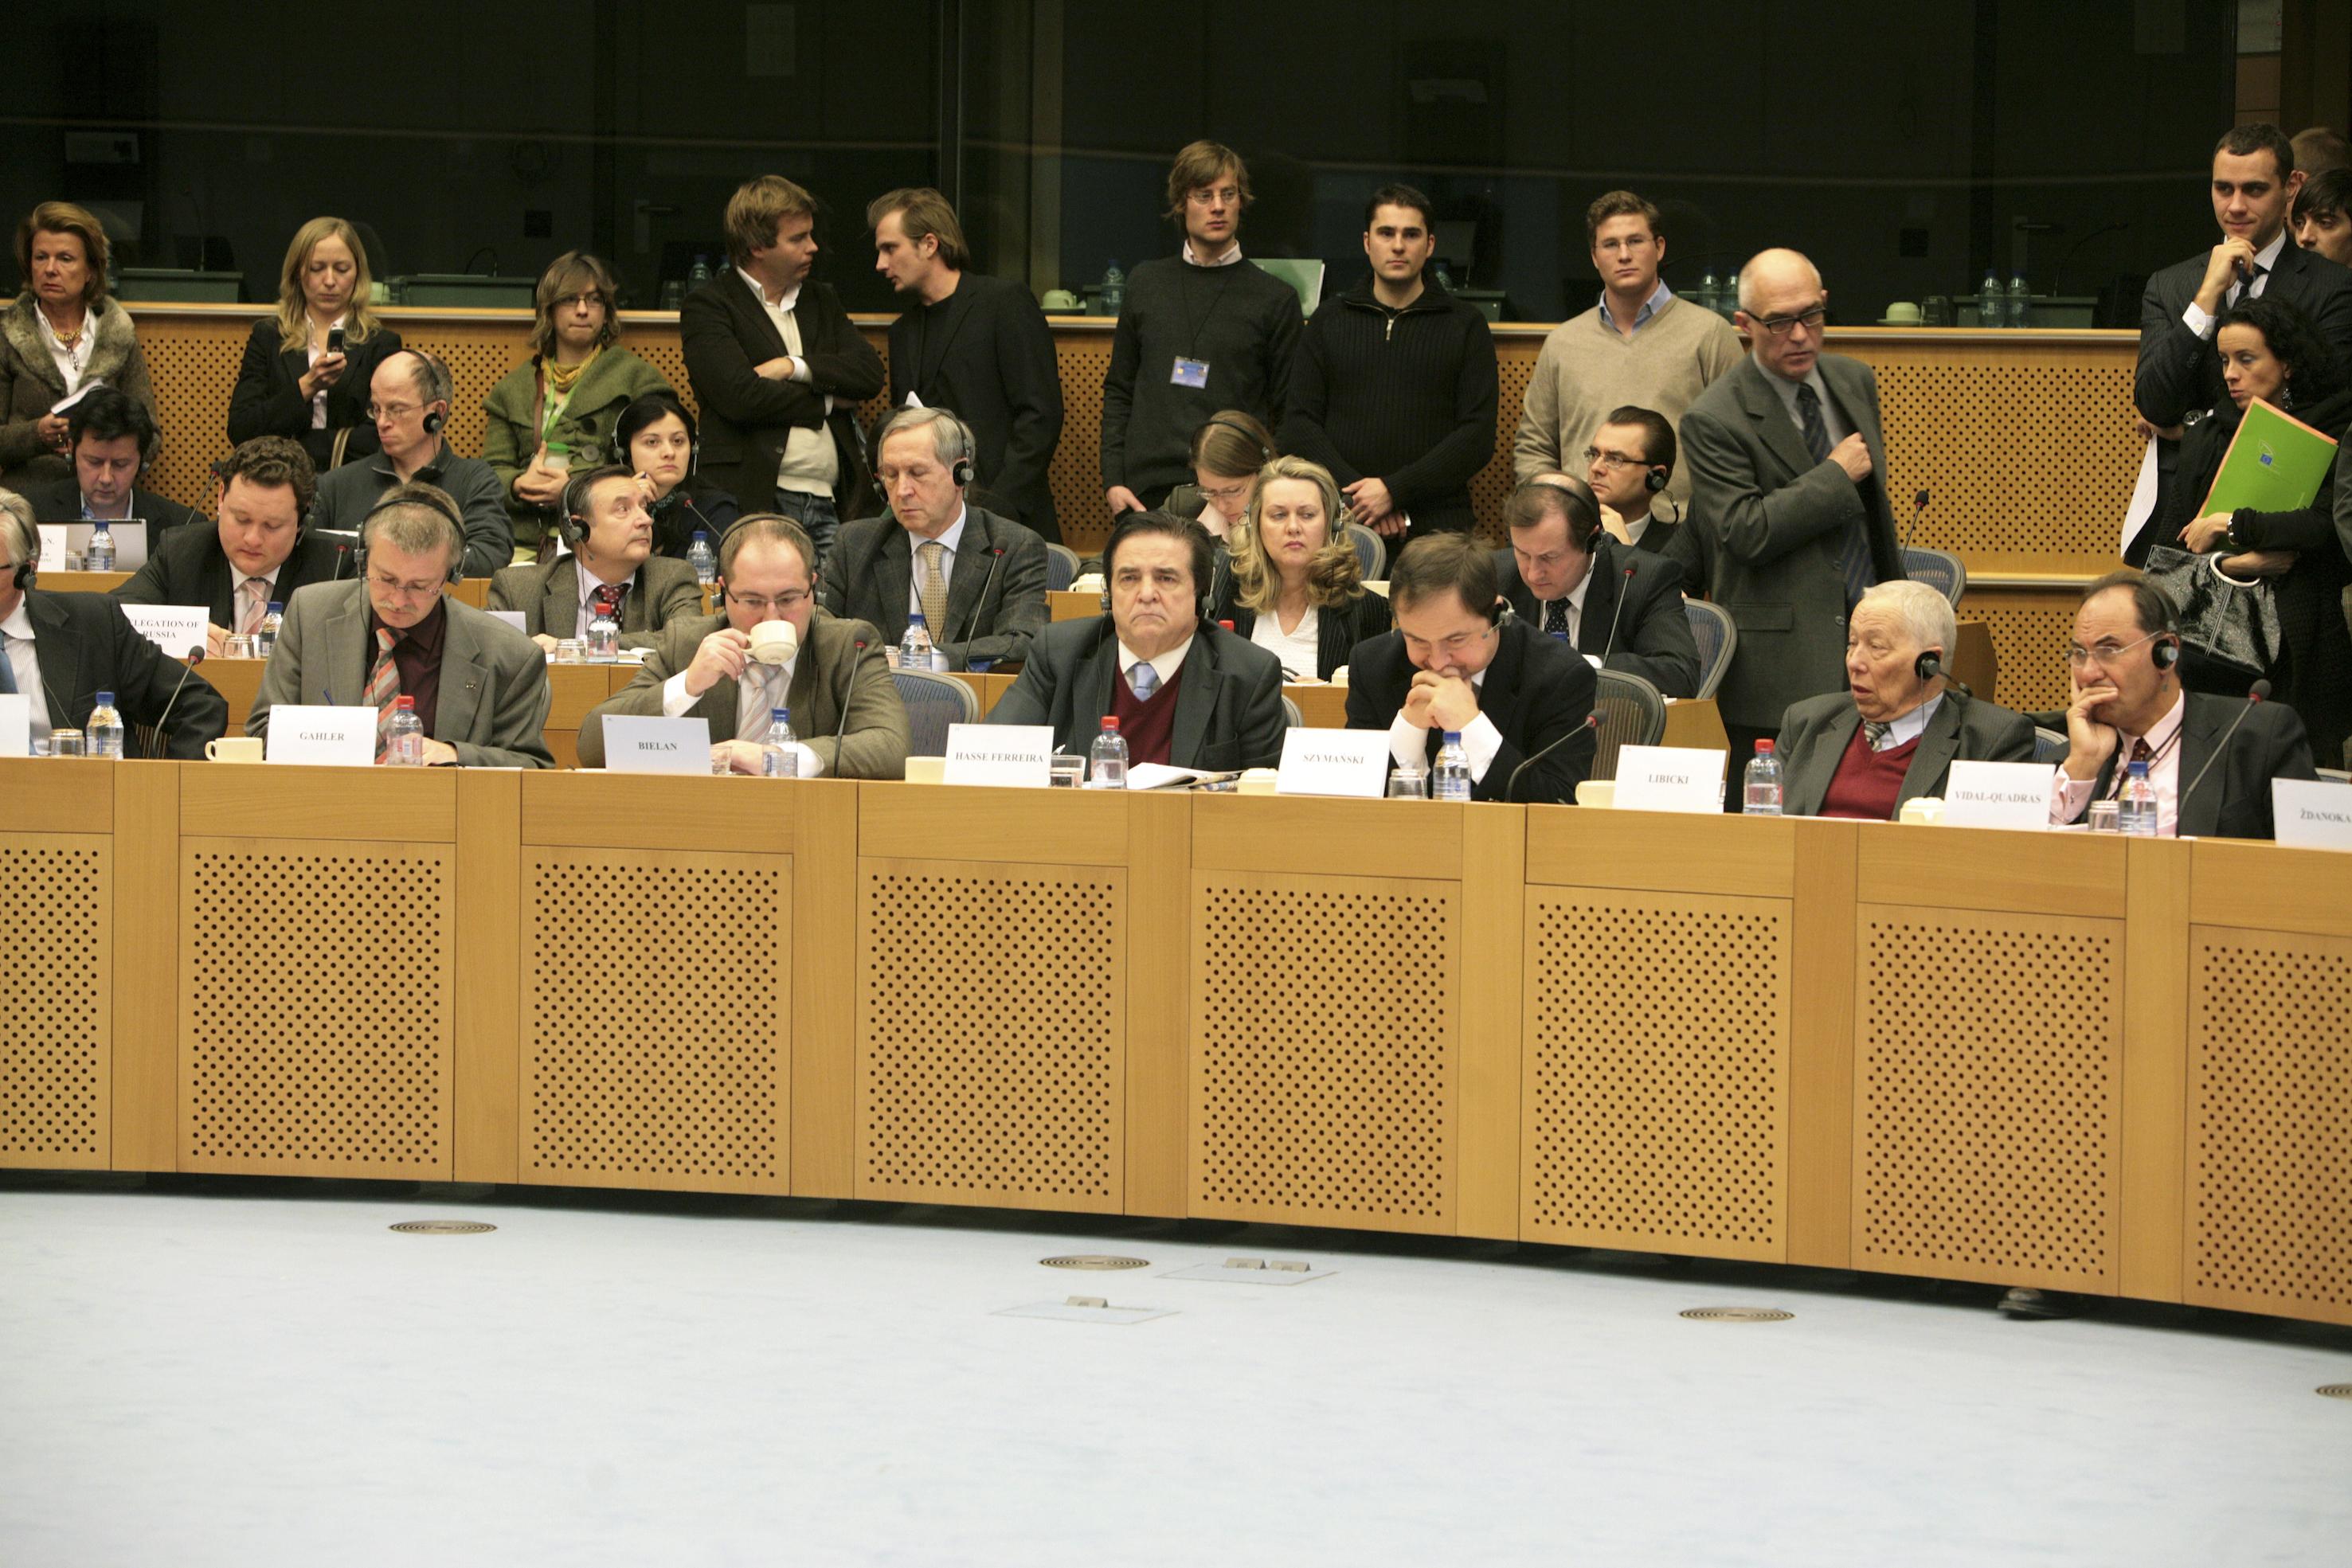 Za 12 dni Komisja Rynku Wewnętrznego i Ochrony Konsumentów będzie pracować nad prawem eliminującym nieuczciwe praktyki biznesowe